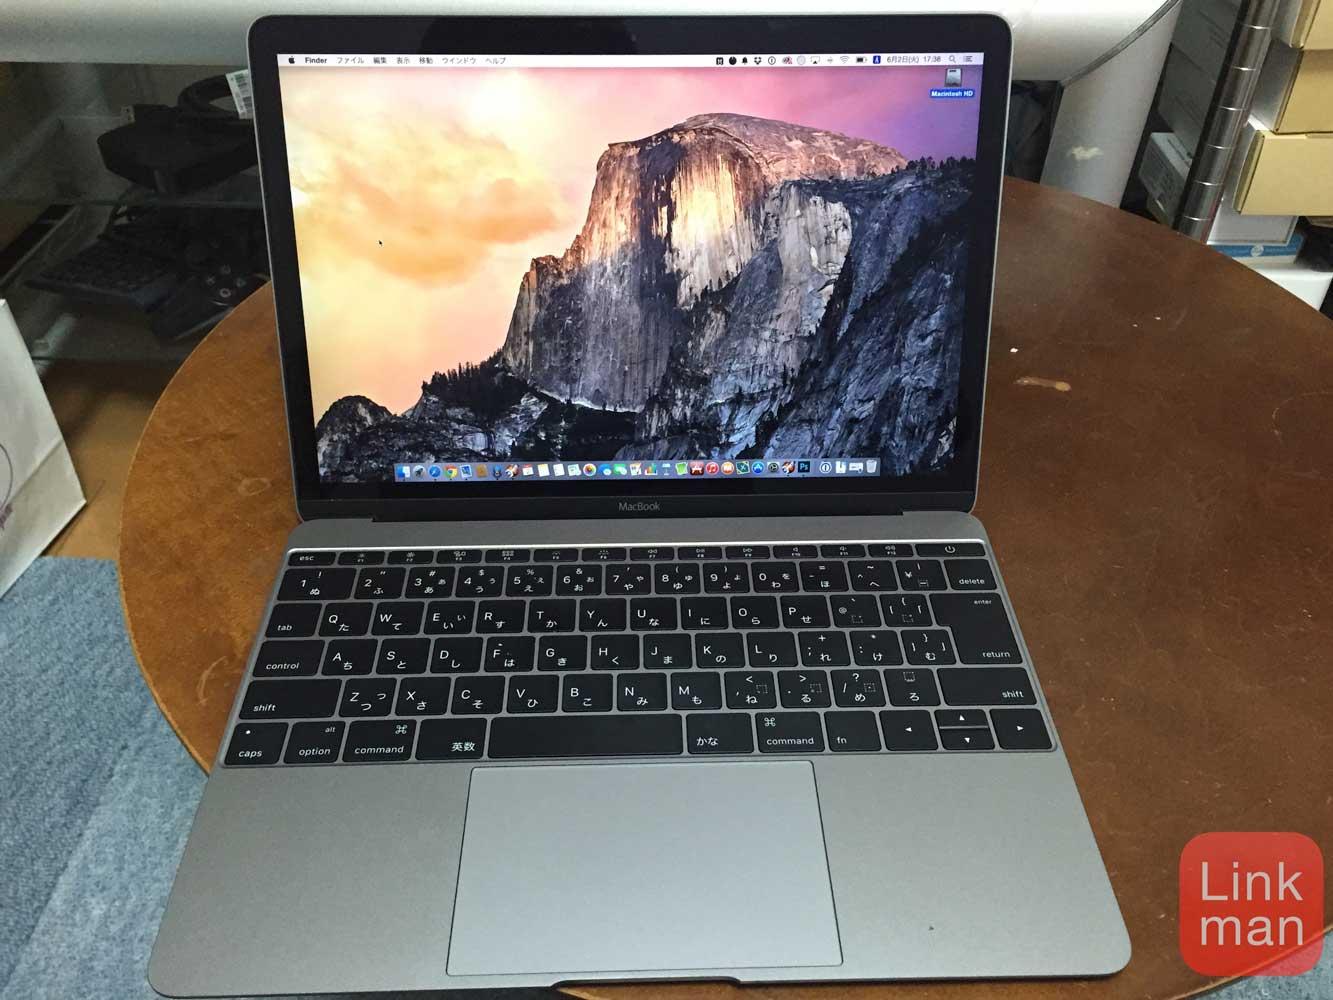 ファンレスの12インチ「MacBook(Early 2015)」は熱くなるか!? - エントリーモデルの場合